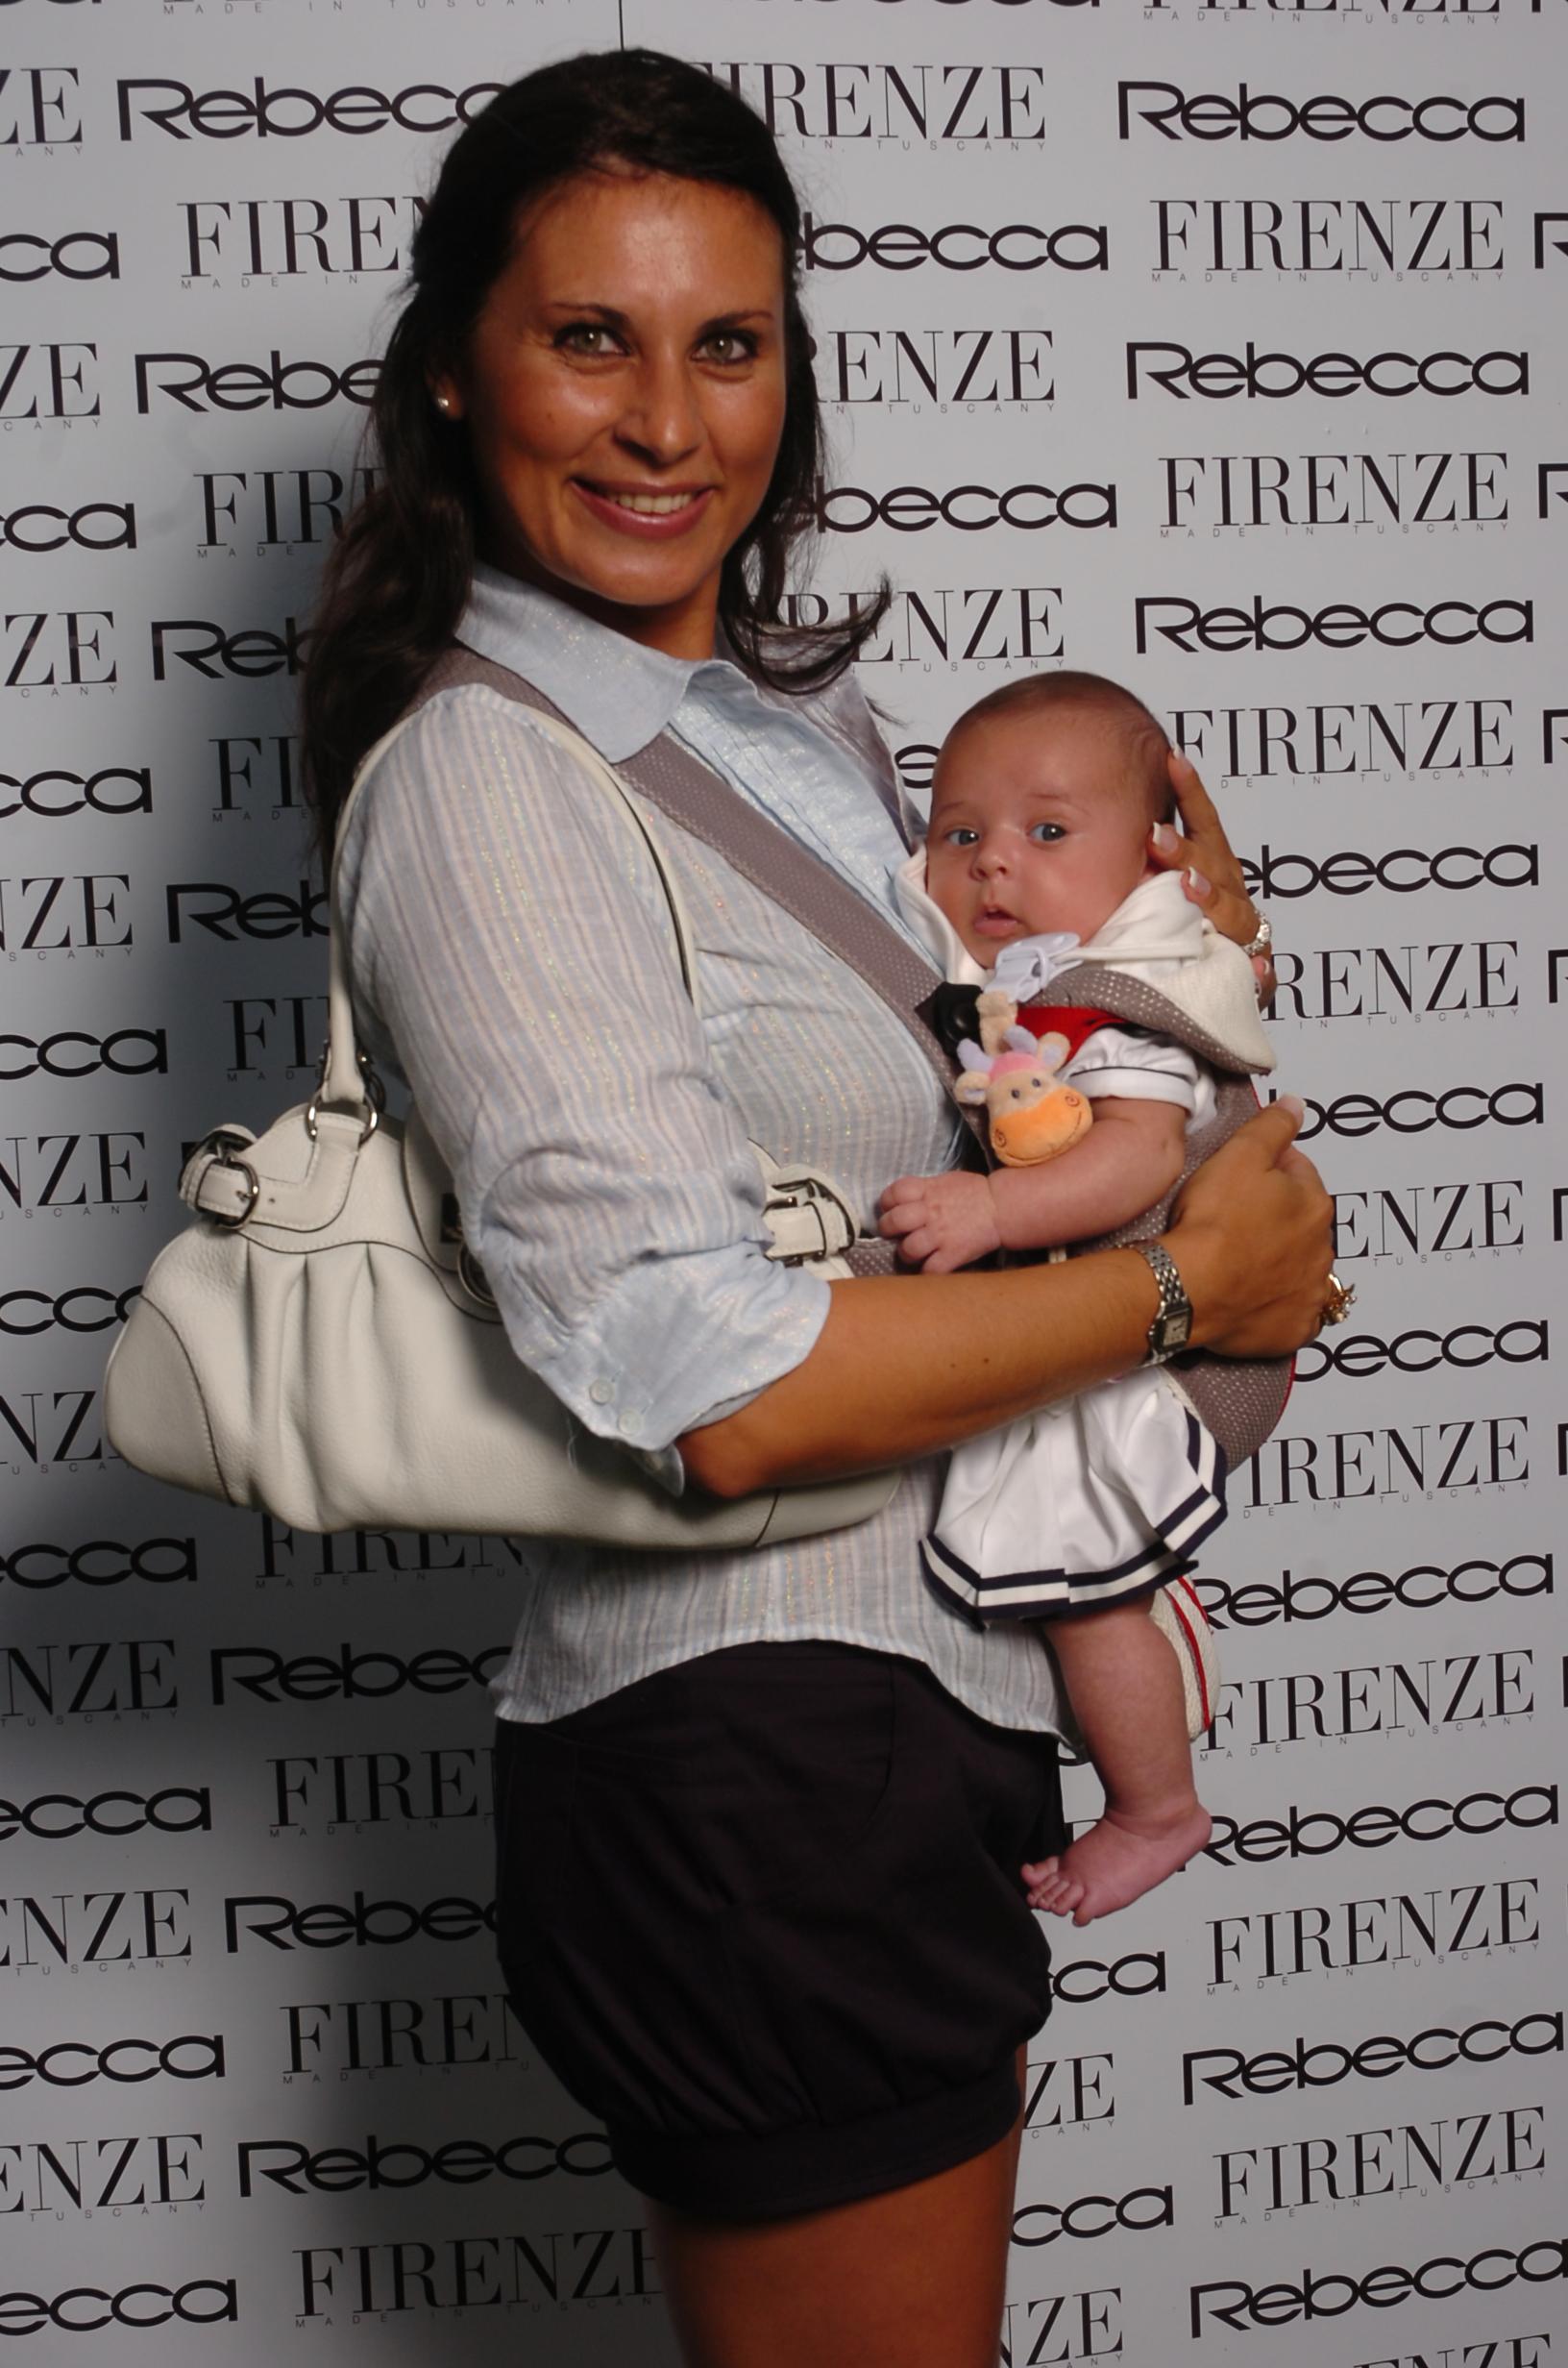 Sonia Nobili e sua figlia Flaminia